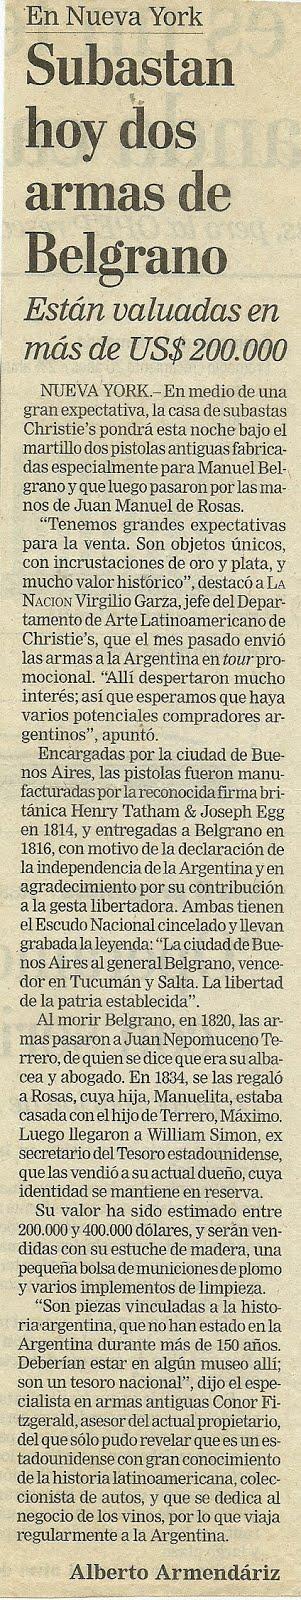 Armas de Belgrano